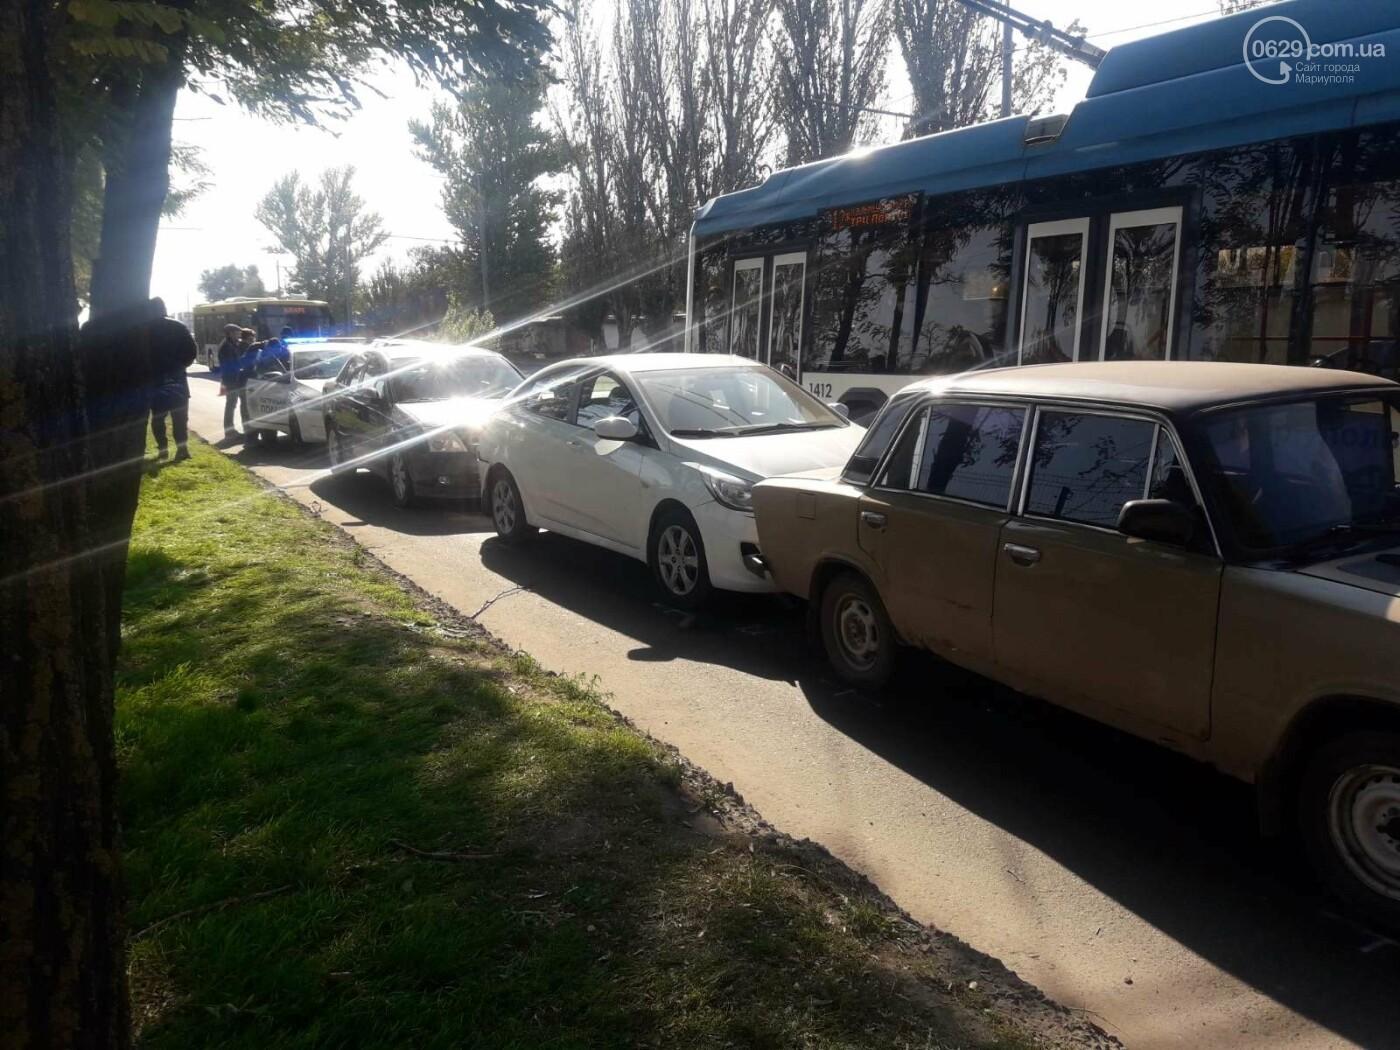 В Мариуполе столкнулись сразу четыре автомобиля, - ФОТО, фото-1